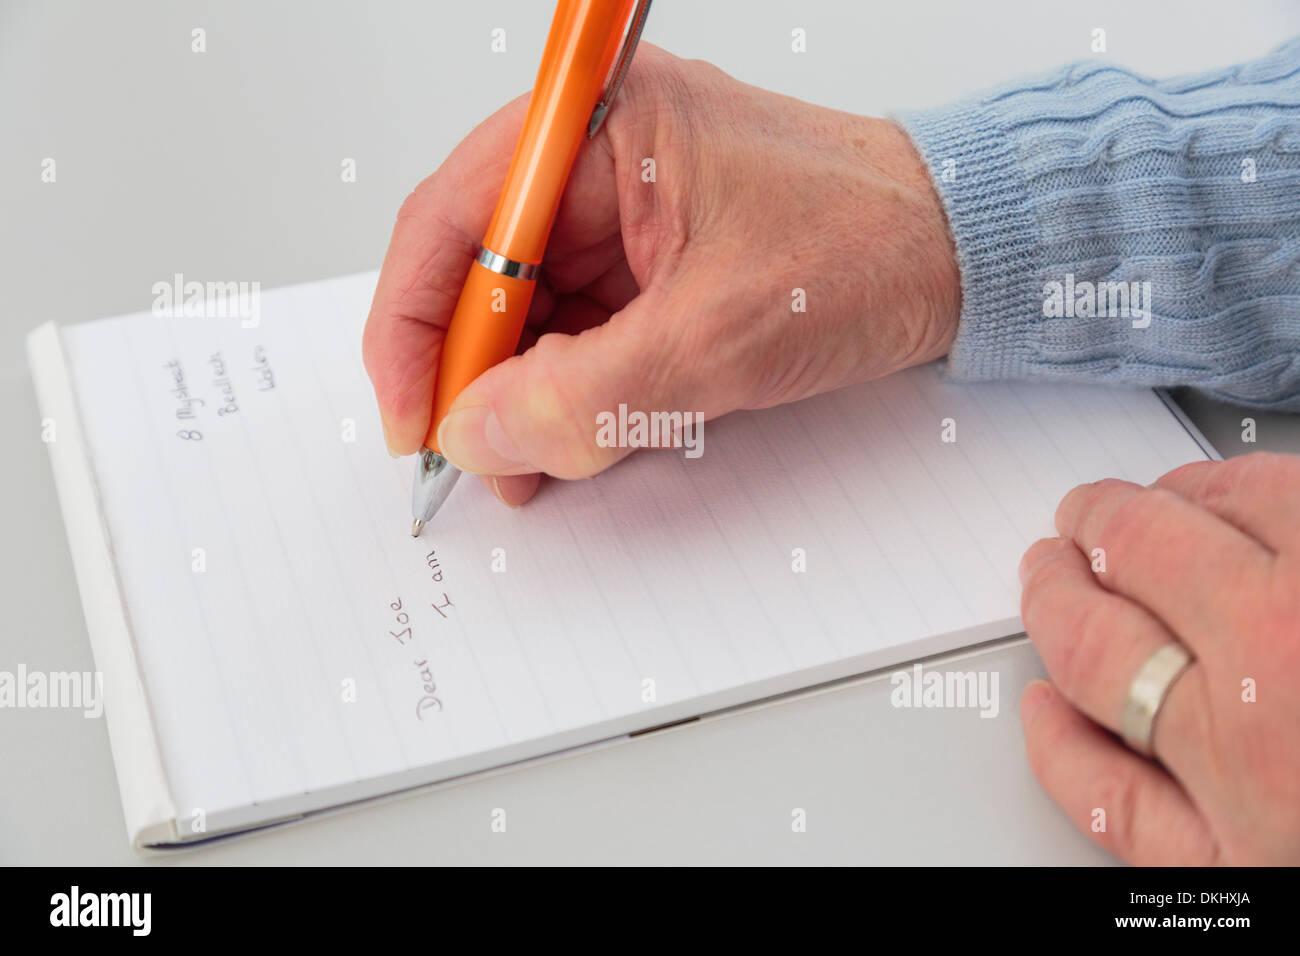 Haut en bas d'un senior woman's hand holding a pen écrit une lettre sur un bloc-notes de papier sur une table. England UK Photo Stock